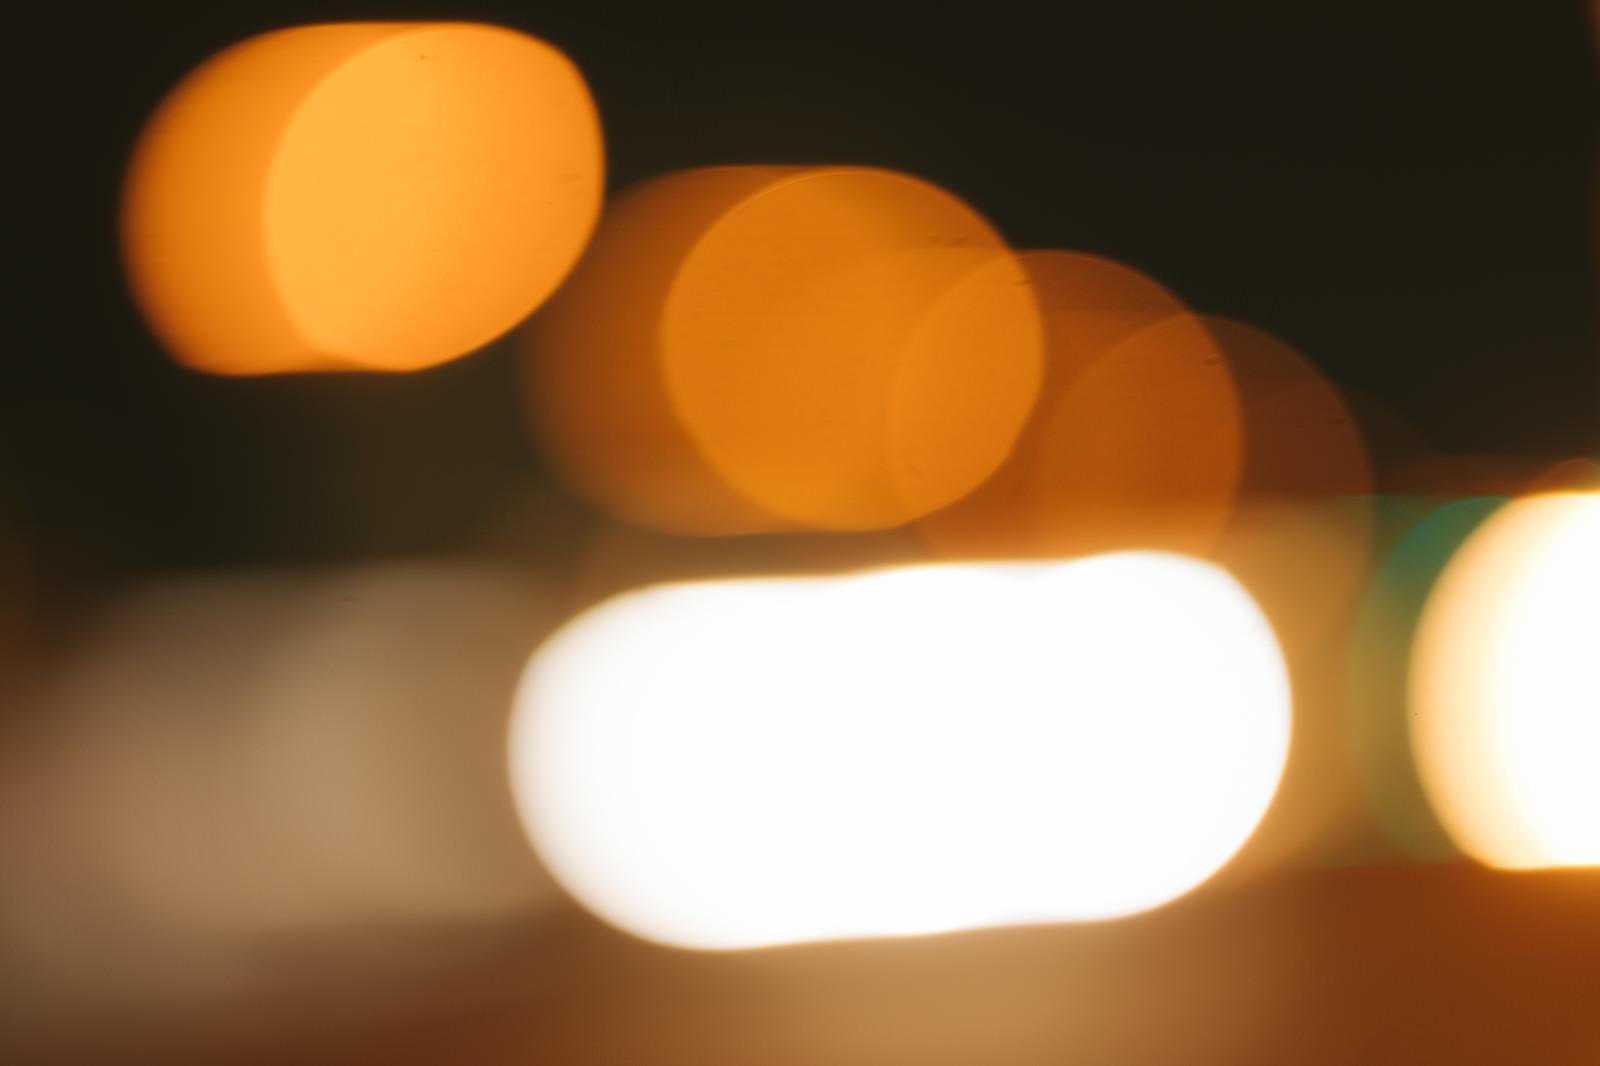 「夜町の街路灯のボケ」の写真